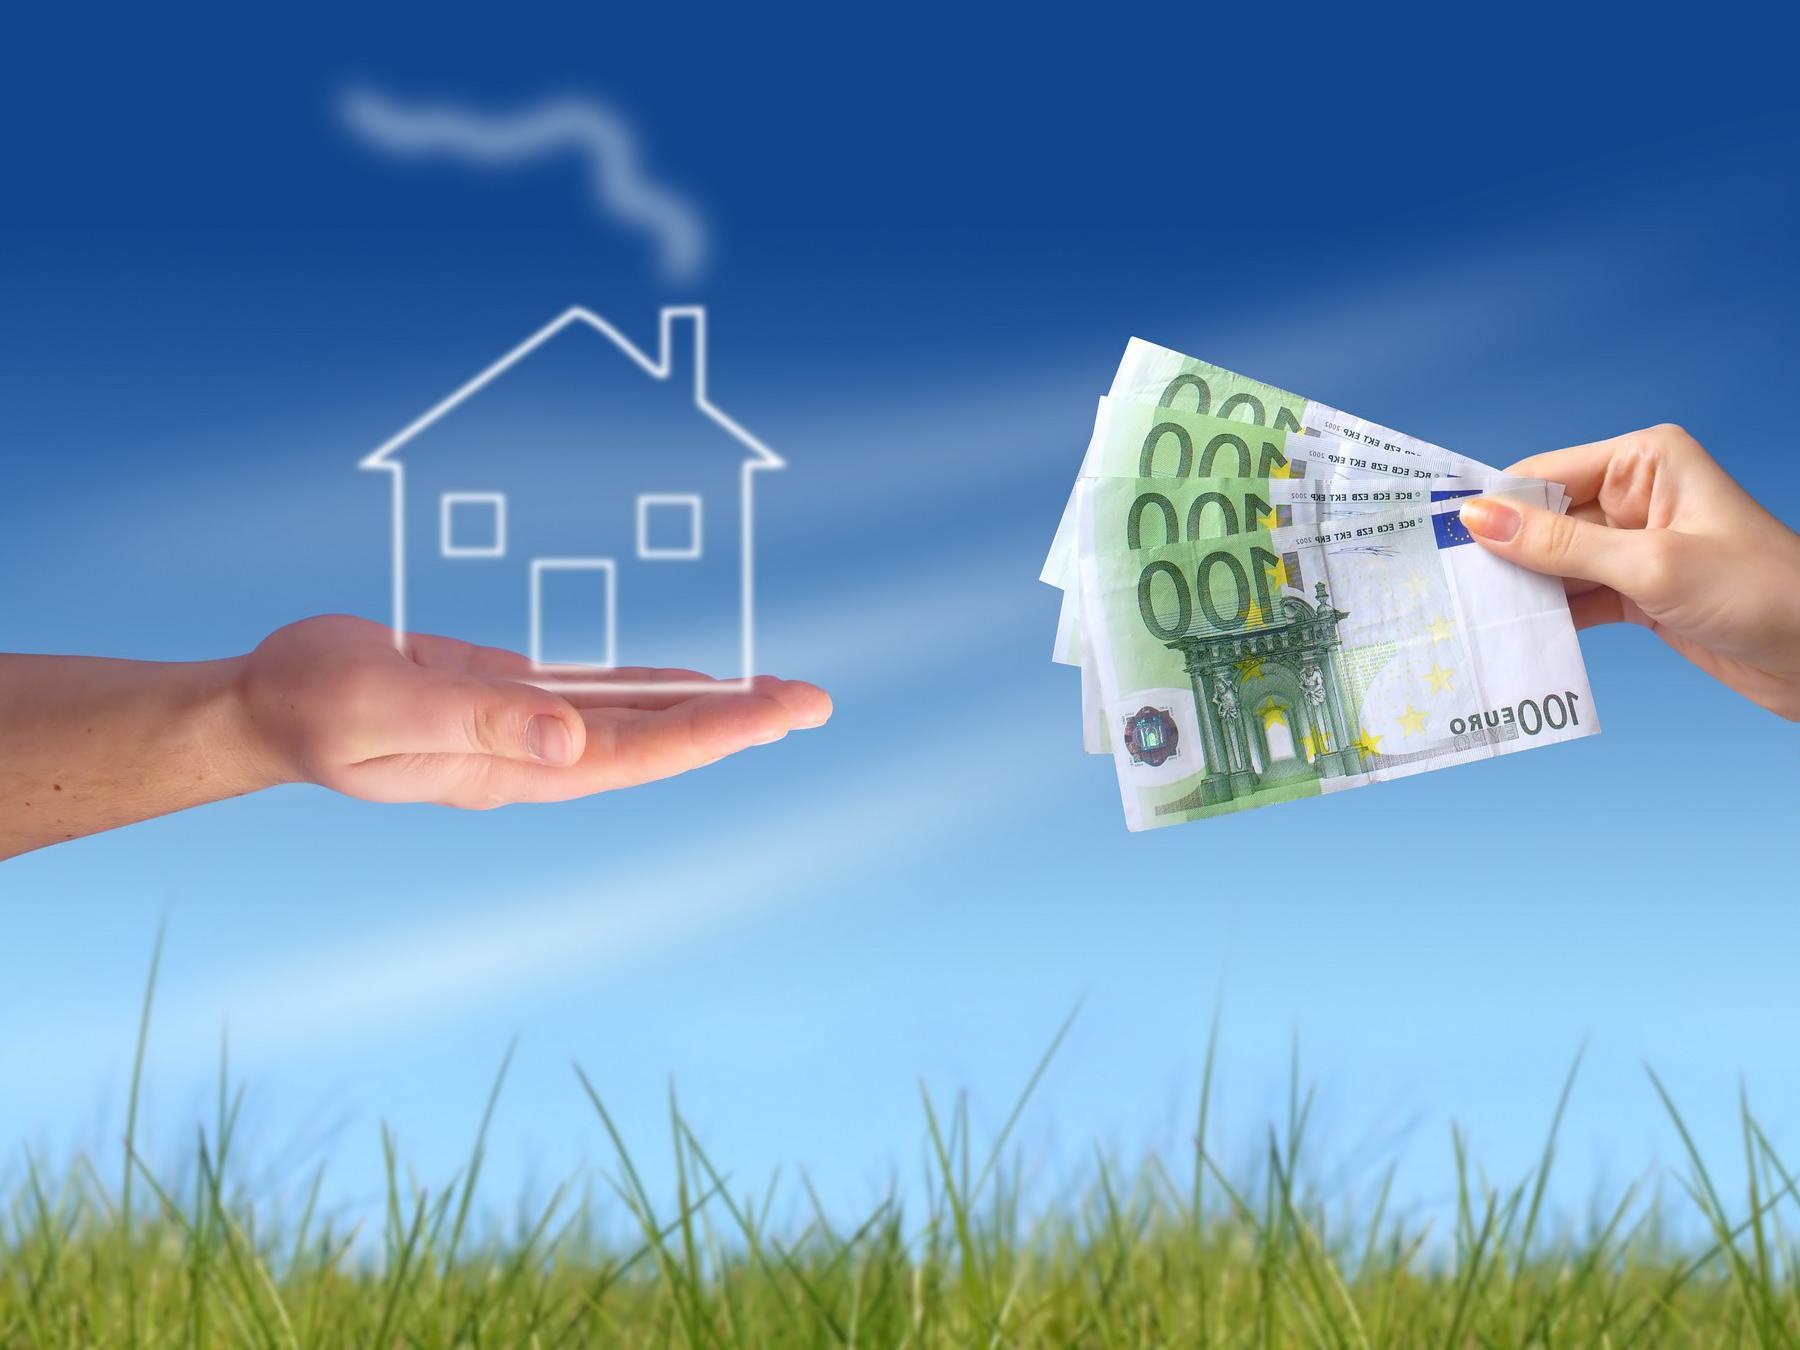 Achat immobilier : Ce que vous devez savoir avant de signer la promesse de vente d'un bien